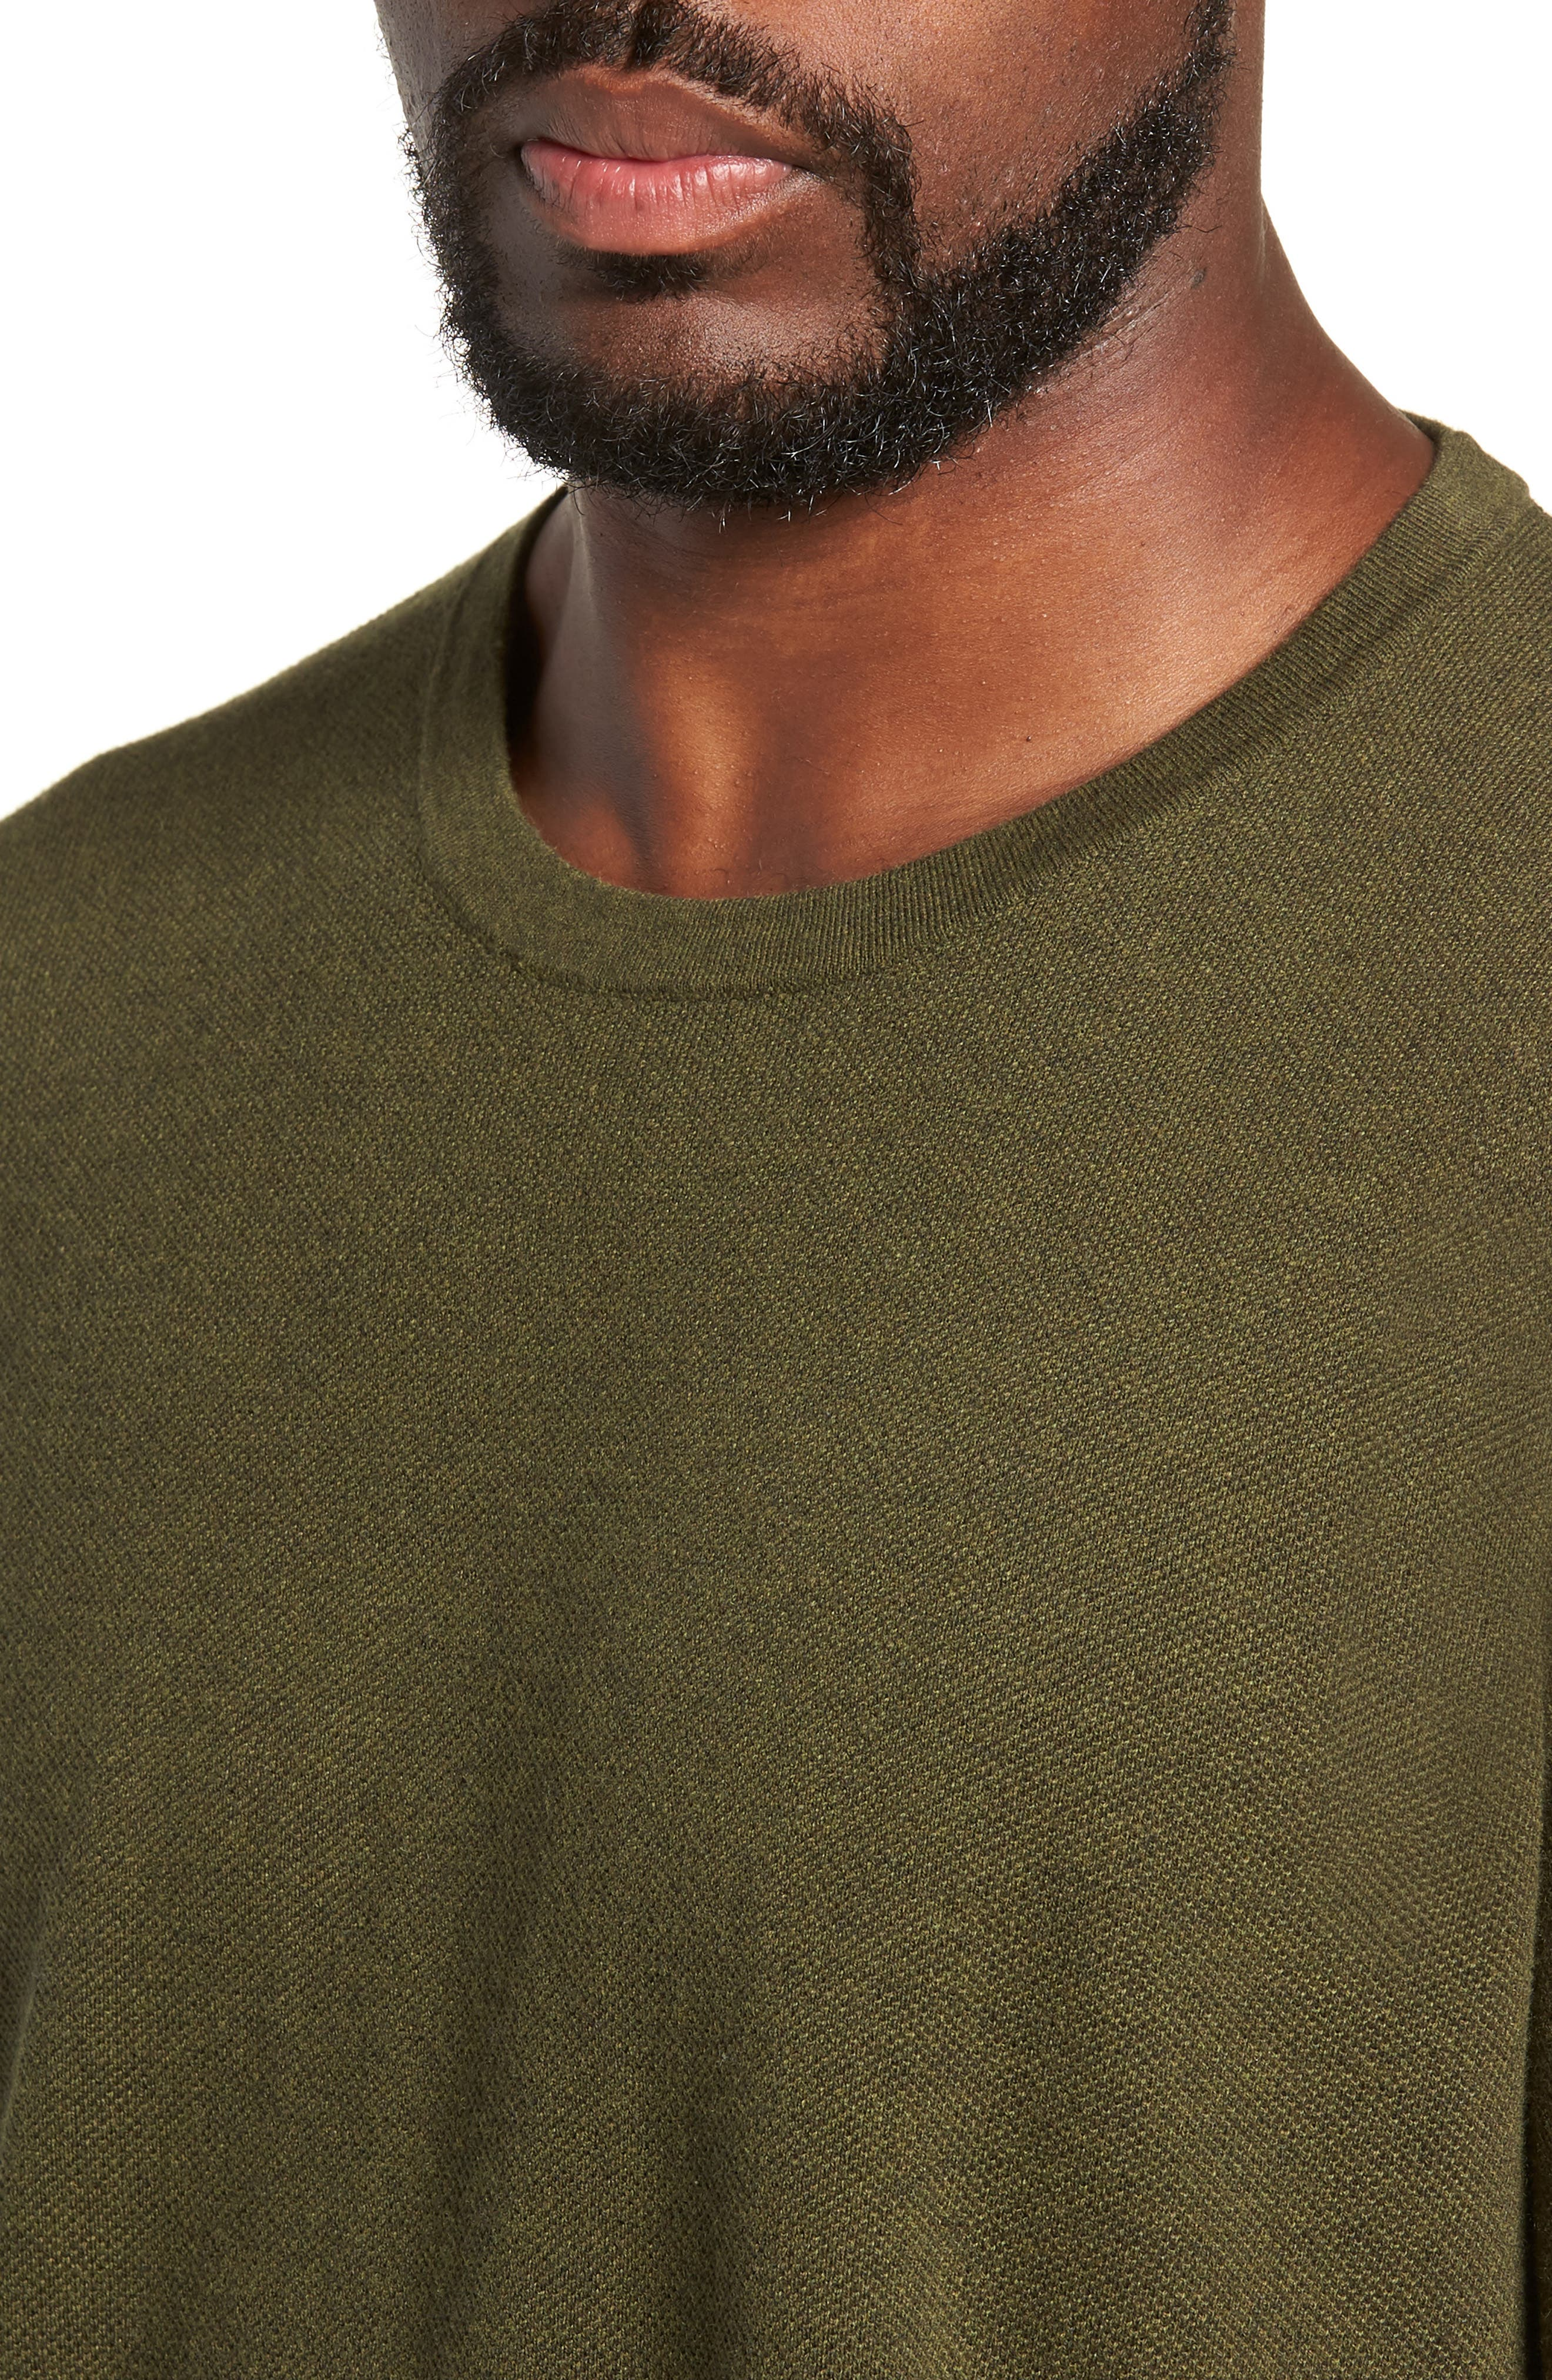 Cotton & Cashmere Piqué Crewneck Sweater,                             Alternate thumbnail 4, color,                             HEATHER OLIVE